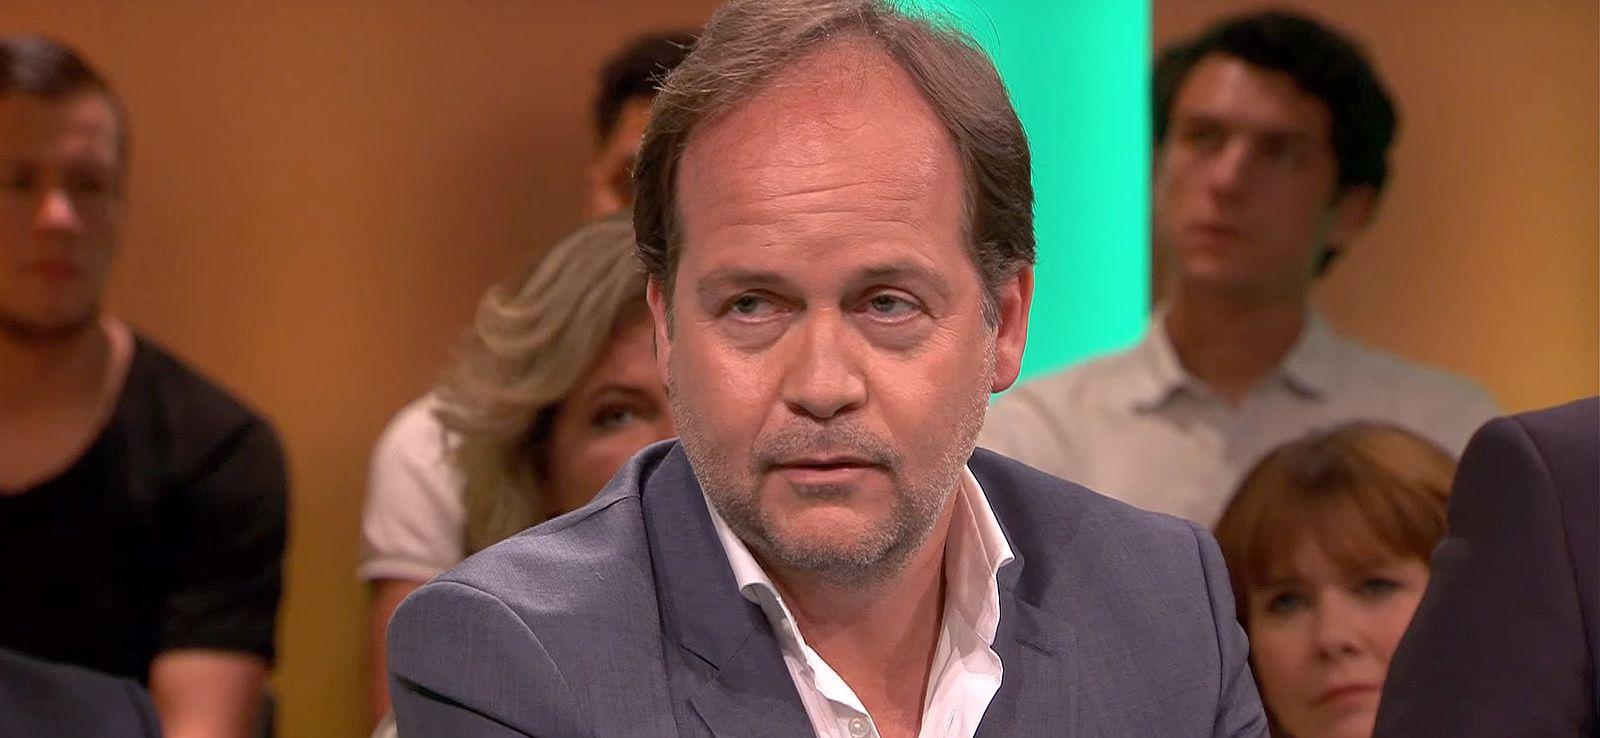 Michel Van Egmond Denkt Over Boek Met Homovoetballer Winqnl